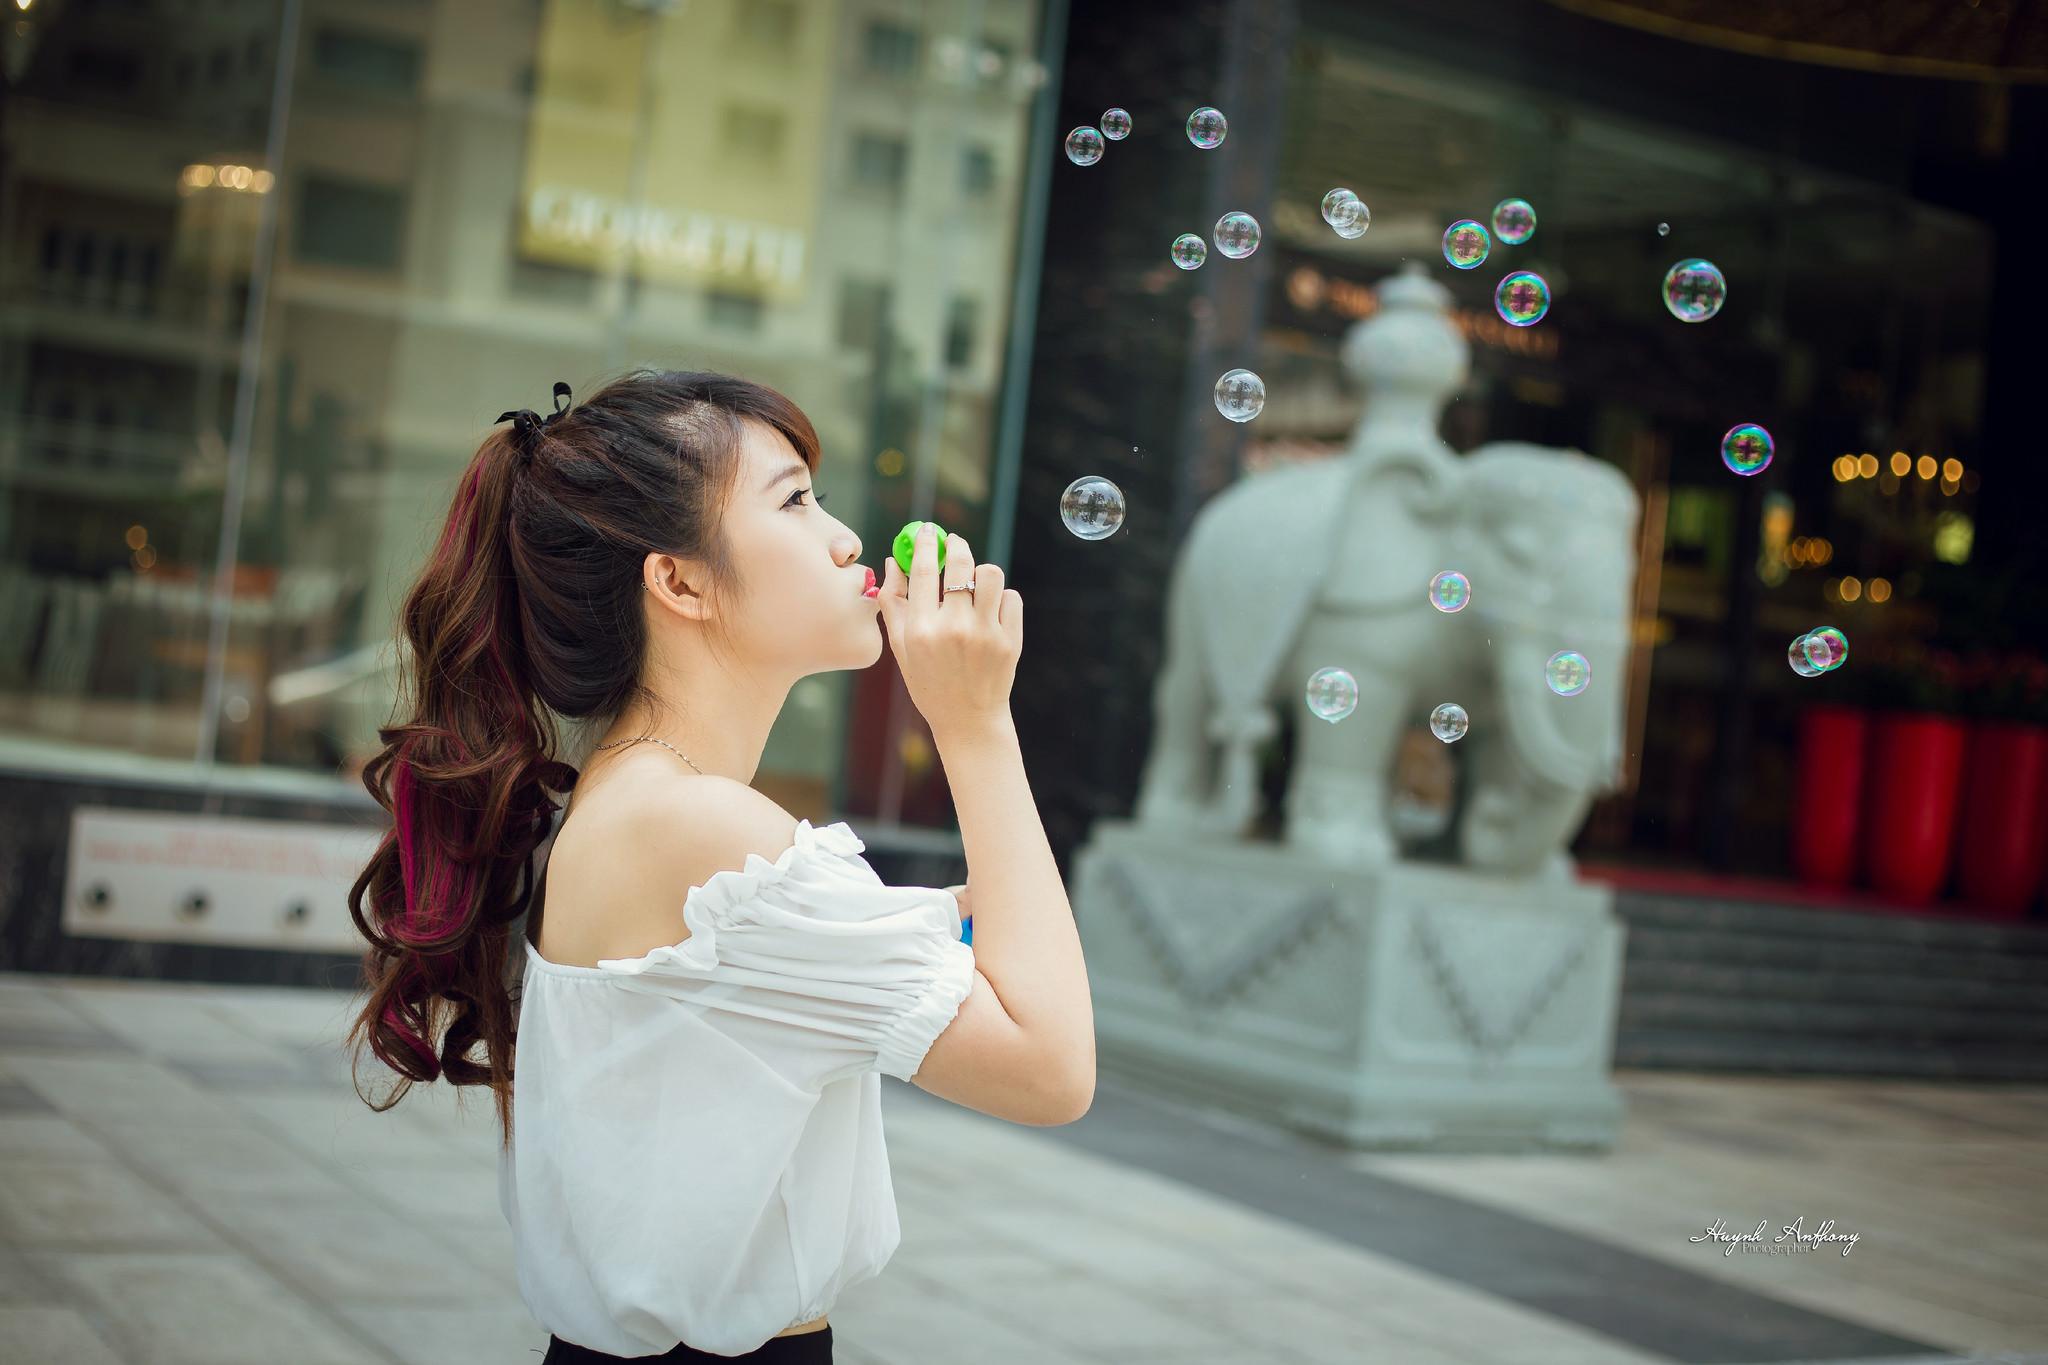 VietNamese Teen Girls Wallpapers by Wallpaperxyz.com